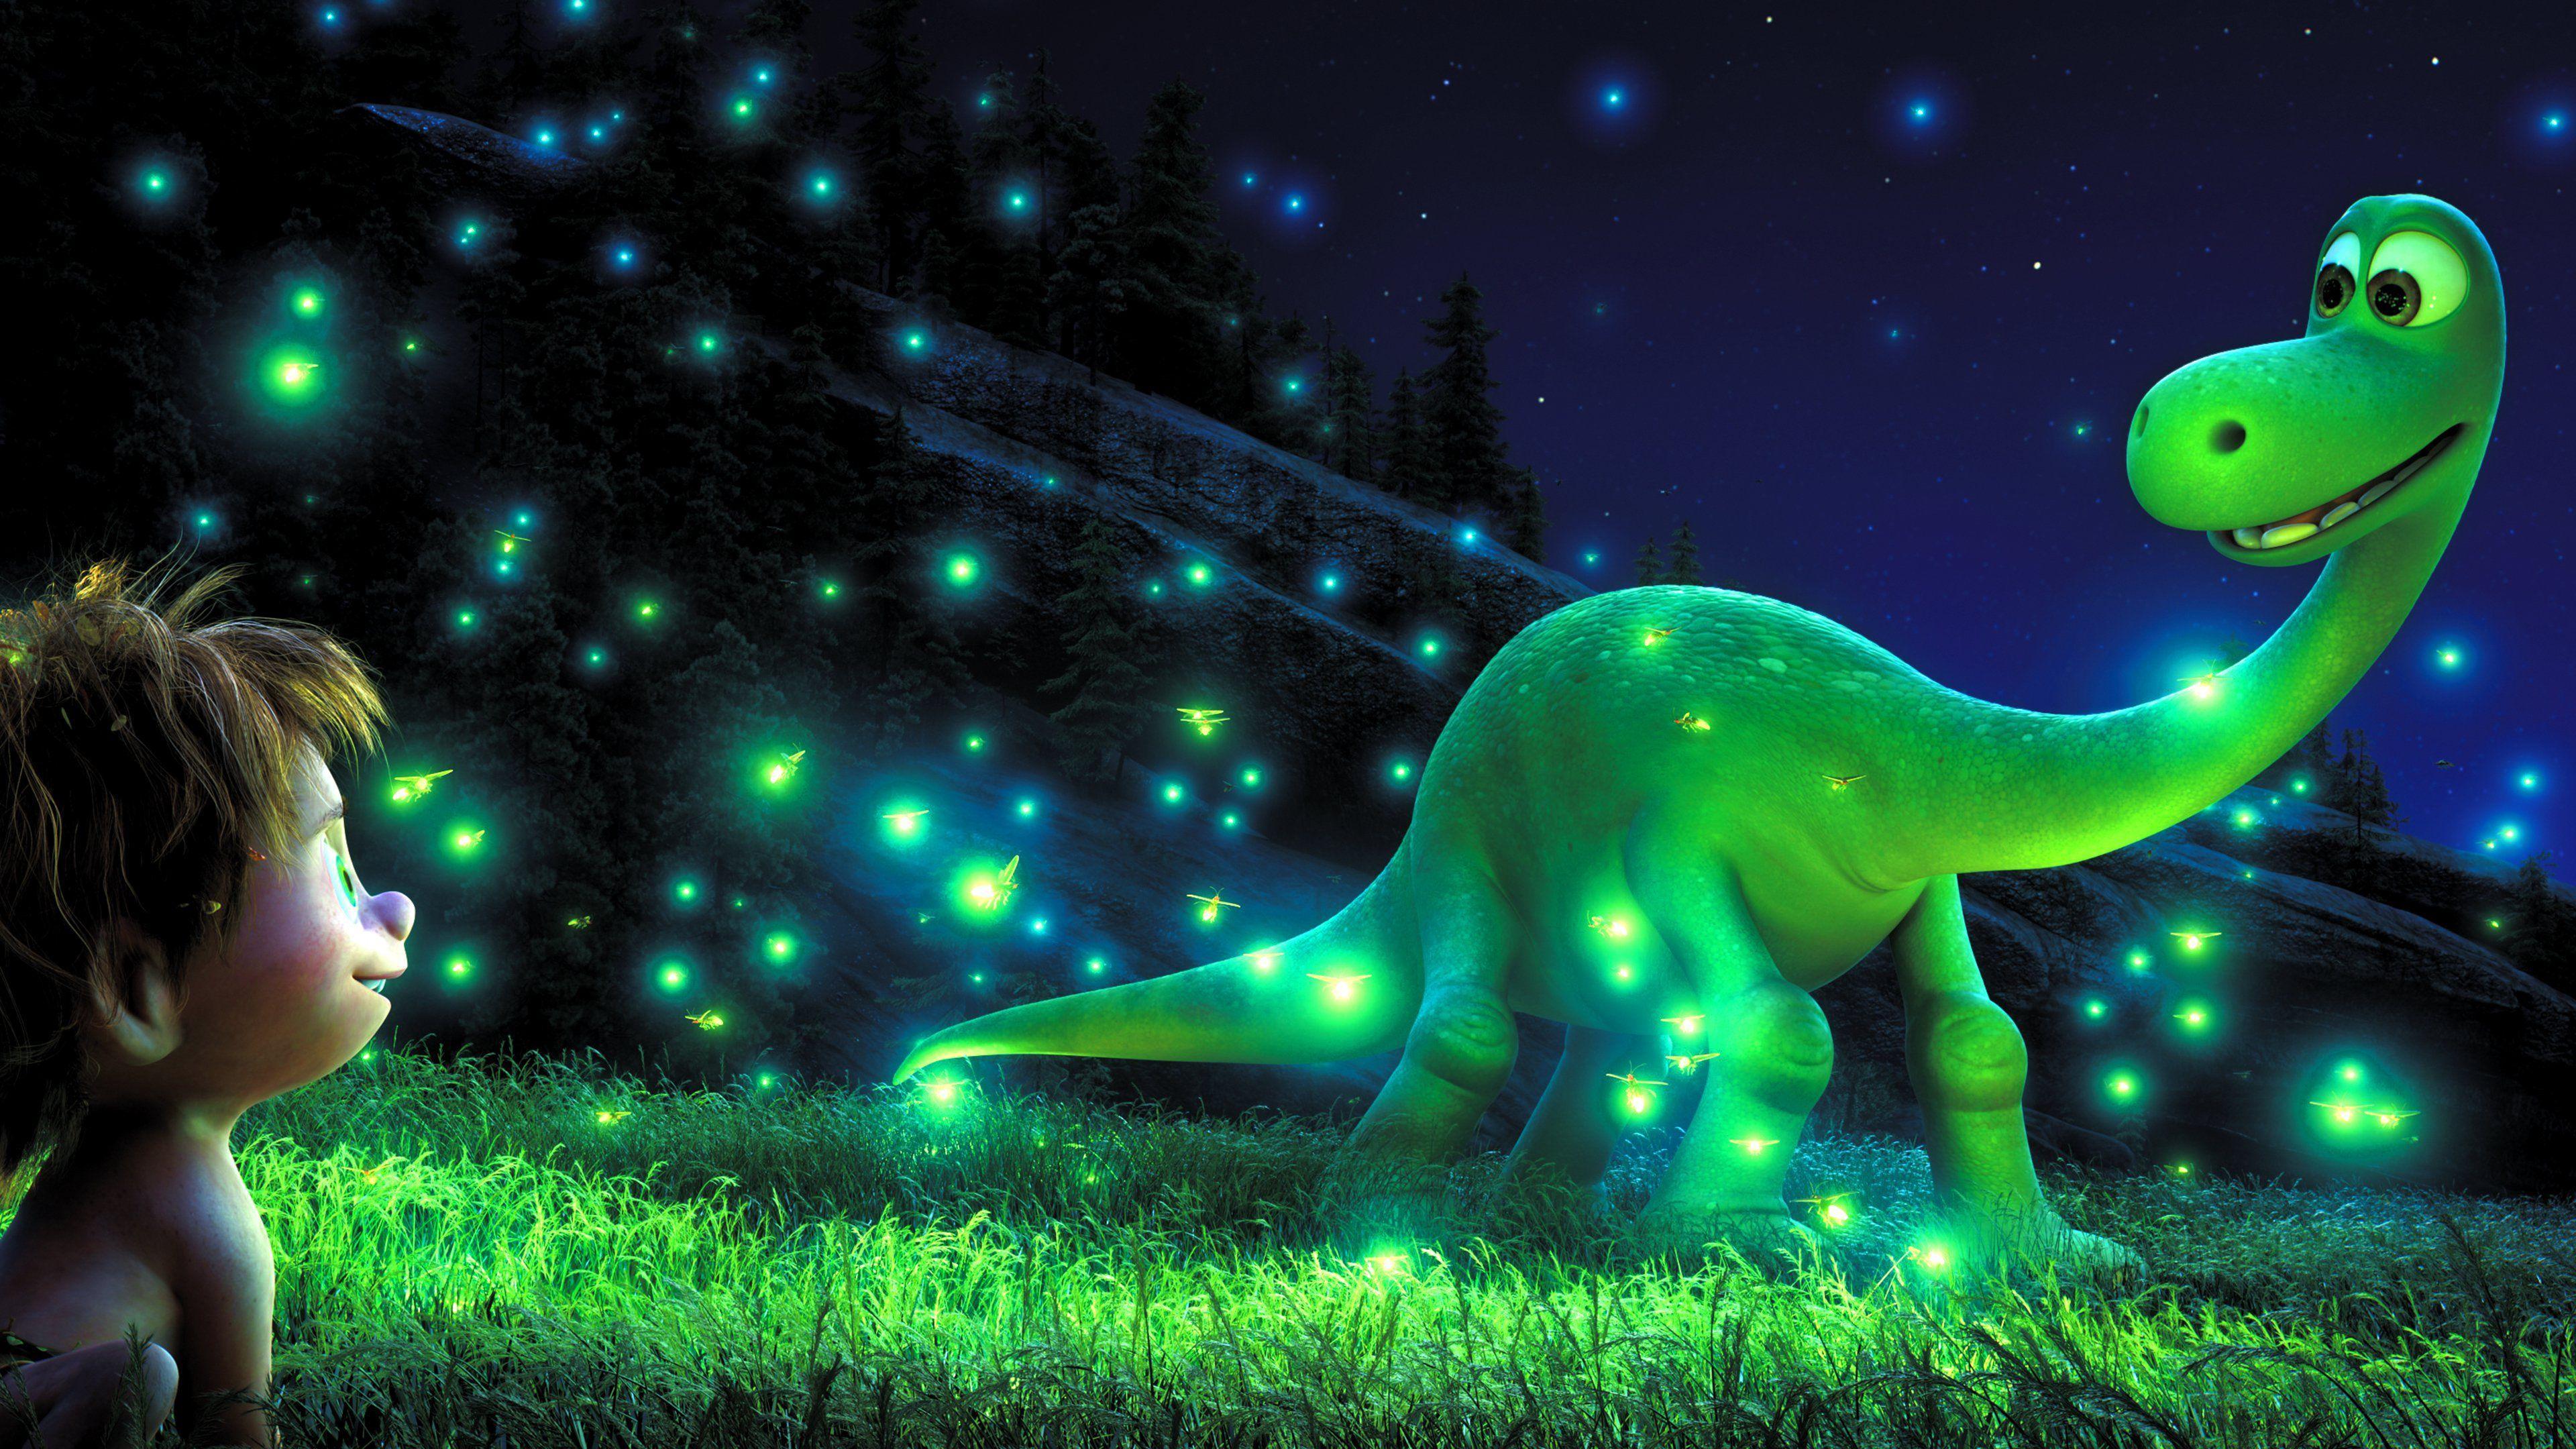 Hình nền và hình nền HD 3840x2160 The Good Dinosaur